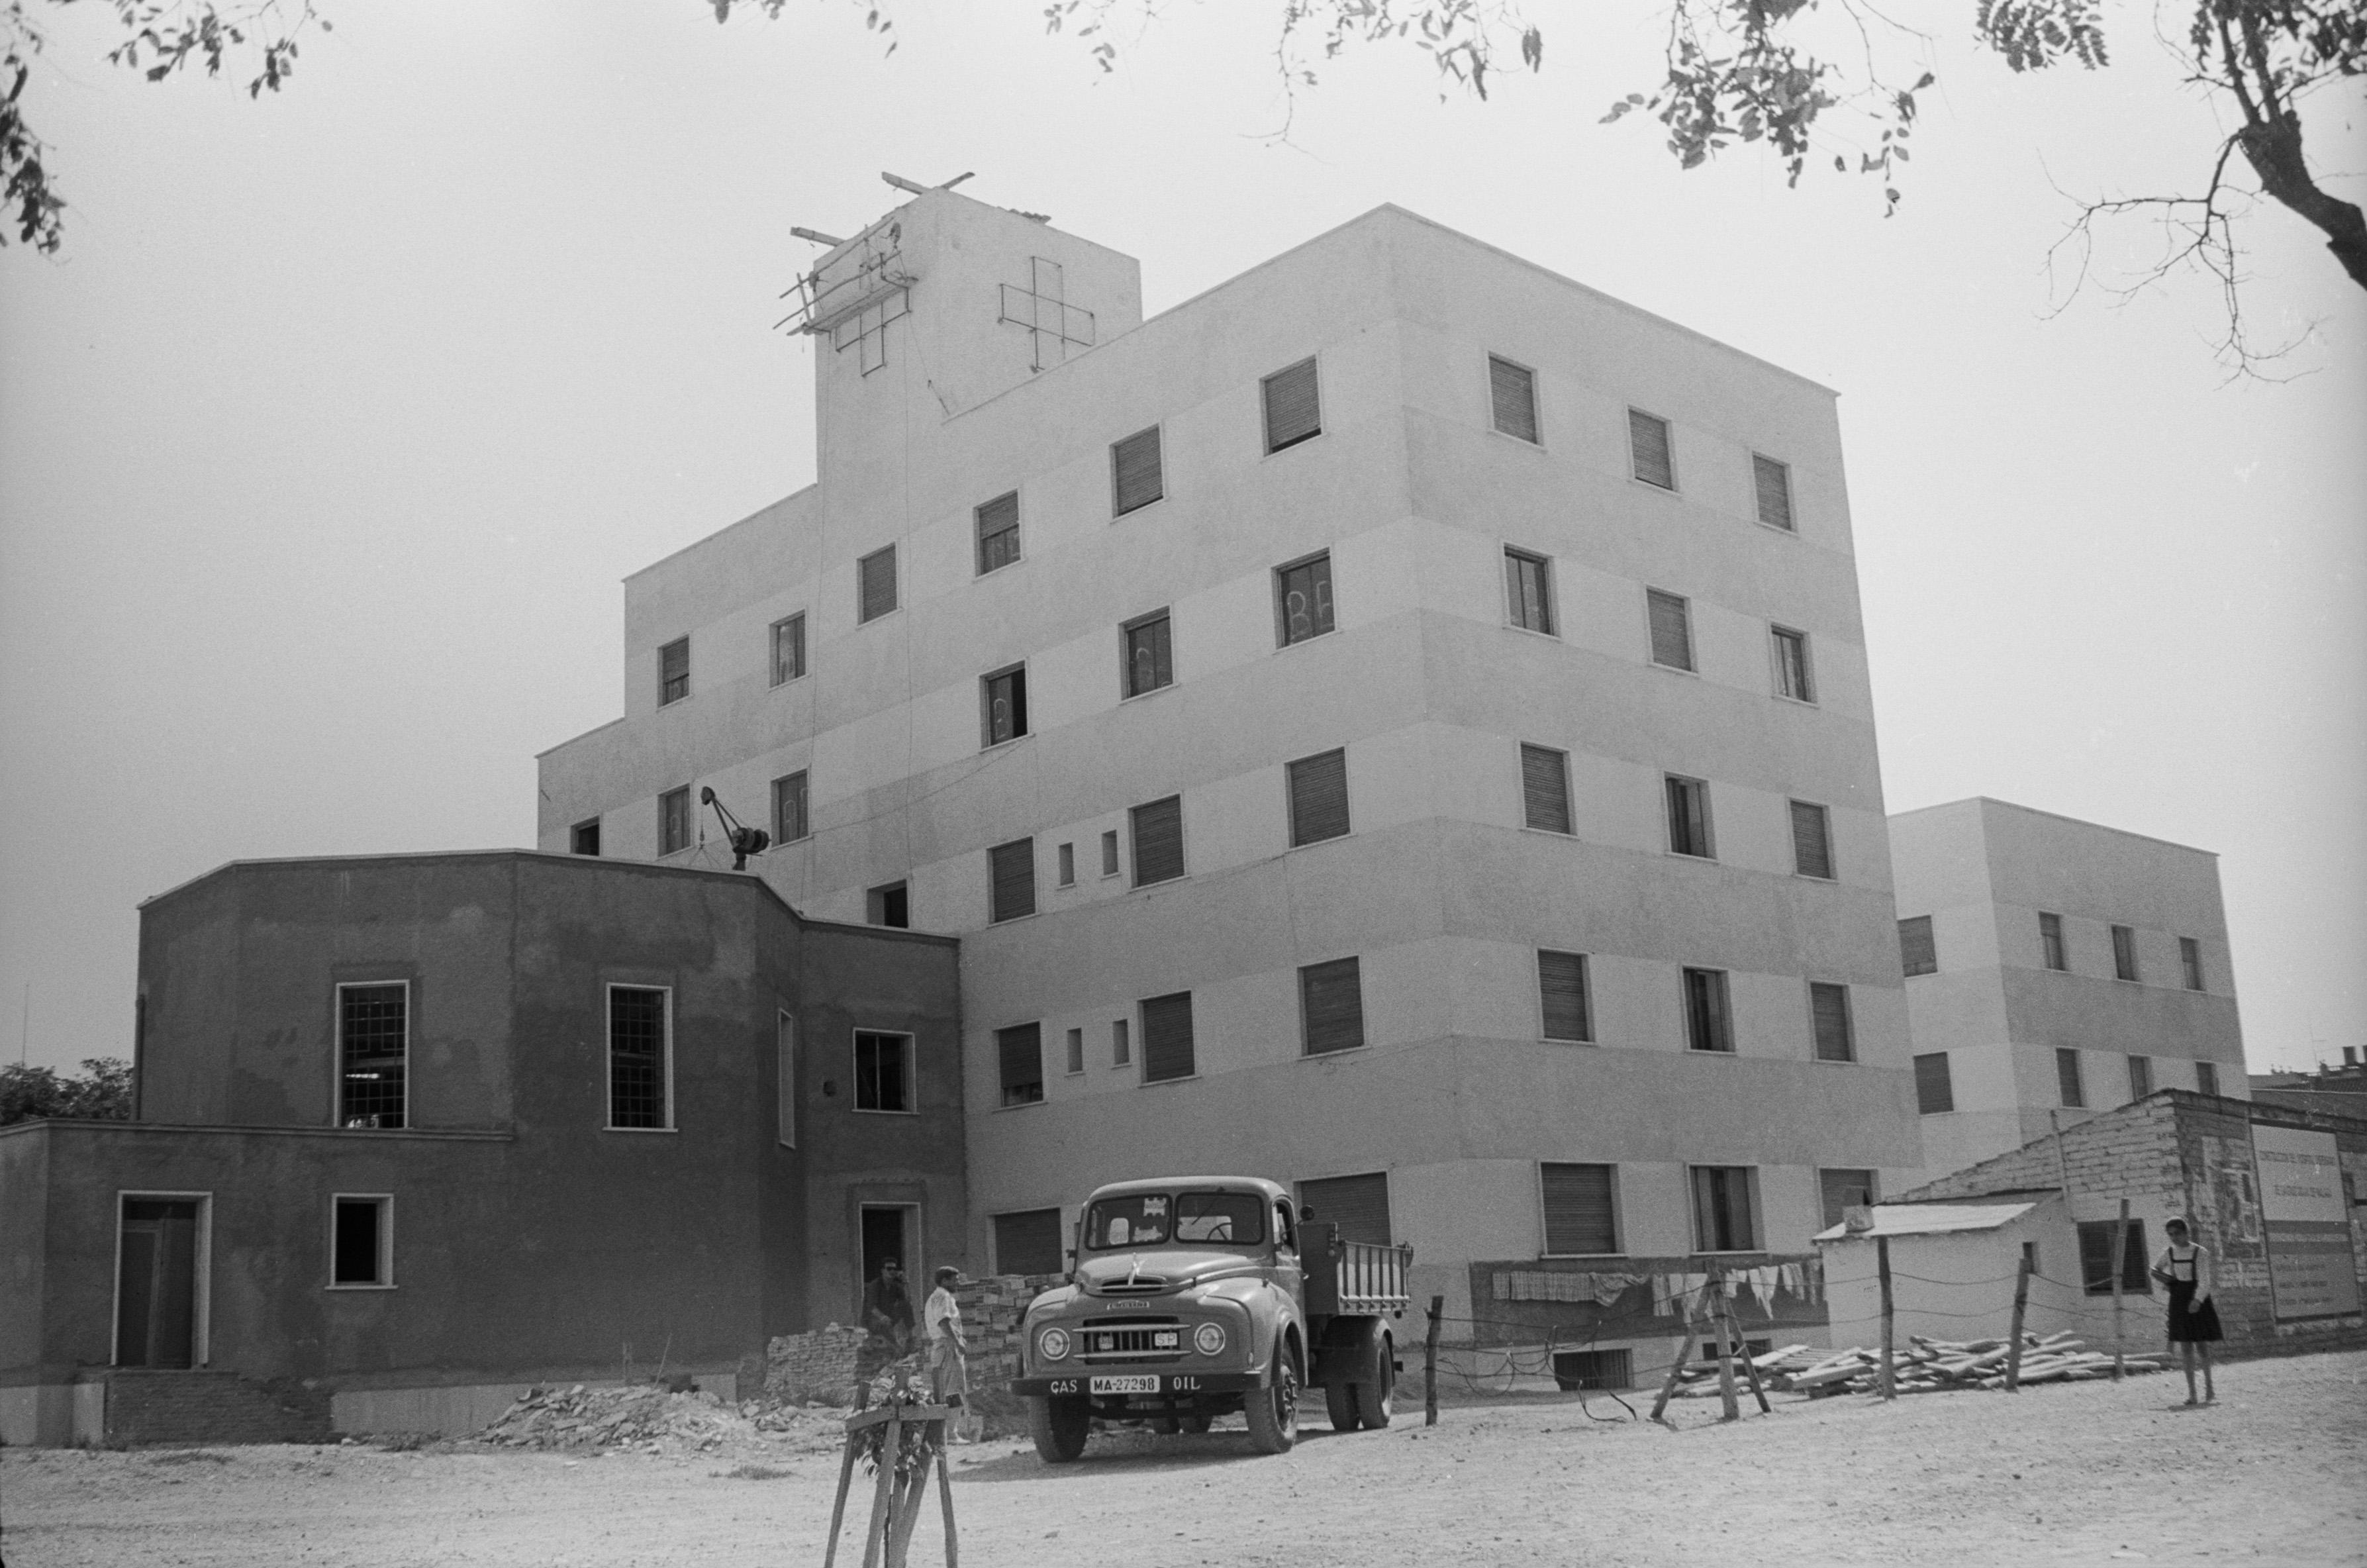 Fase final de la construcci n del hospital de la cruz roja en ciudad jard n m laga octubre de - Ciudad jardin malaga ...